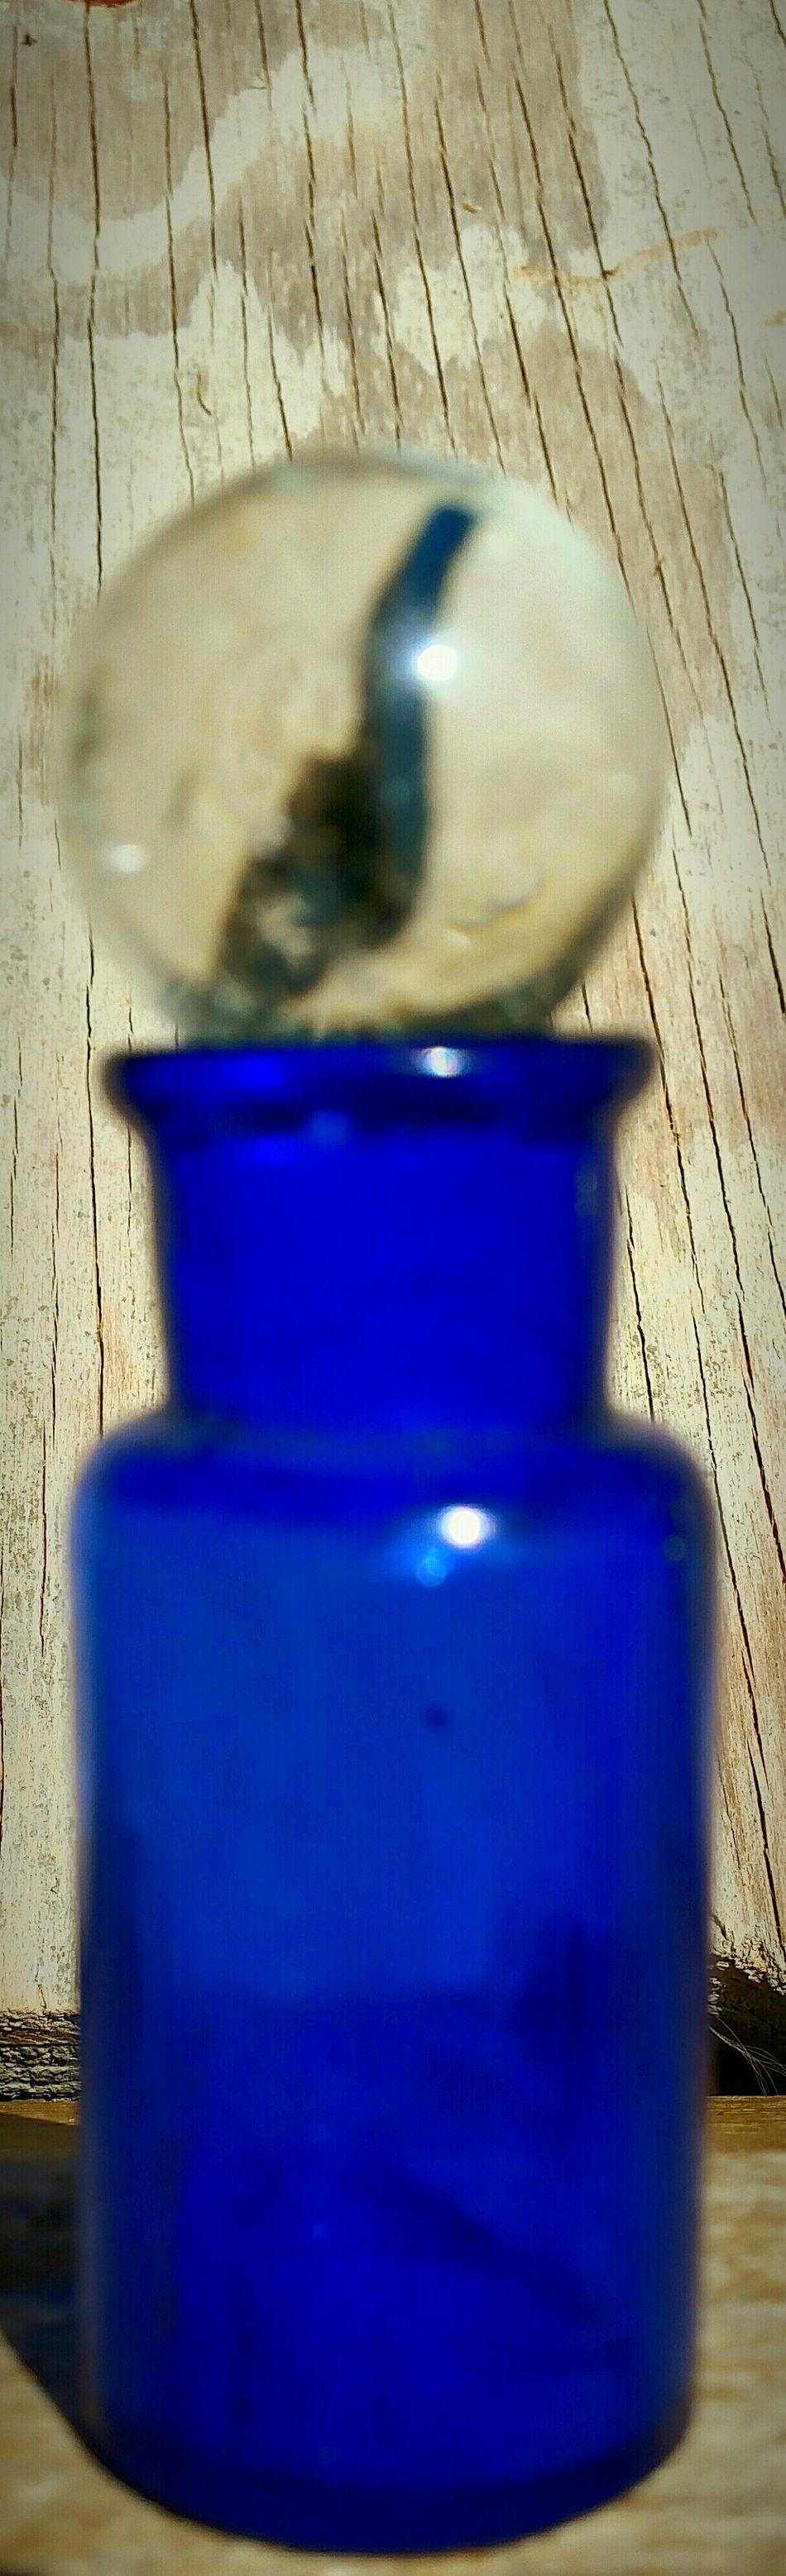 Blue Bottle Old Bottle Antique Blue Bottle Vintage Bottle Vintage Toys Toys Marble Blue Wave Cobolt Glass Cobolt Blue Old Colbolt Bottle Vintage Colbolt Blue Bottle Old Glass